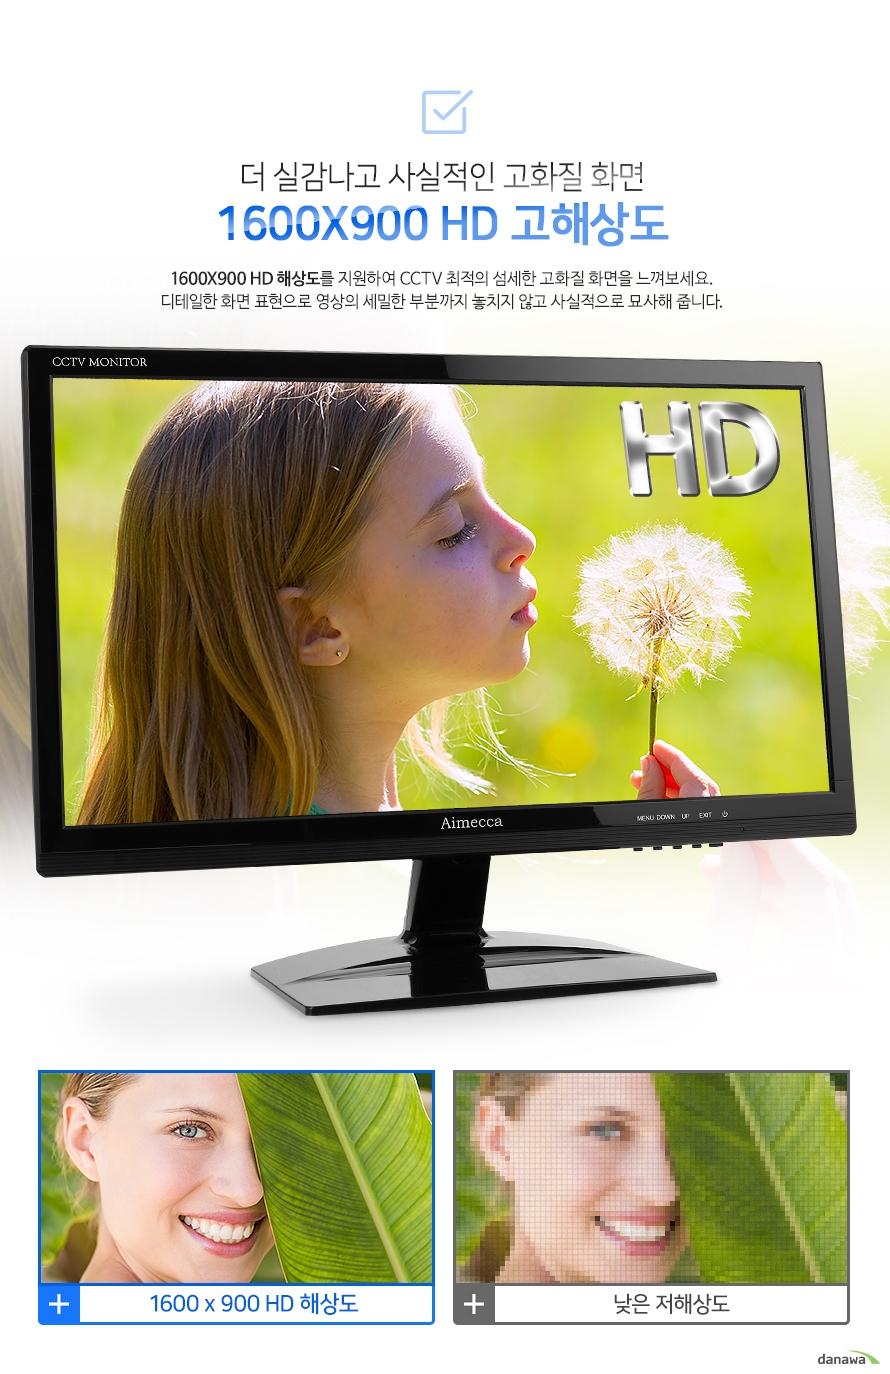 더 실감나고 사실적인 고화질 화면 1600X900 HD 고해상도-1600X900 HD 해상도를 지원하여 CCTV 최적의 섬세한 고화질 화면을 느껴보세요. 디테일한 화면 표현으로 영상의 세밀한 부분까지 놓치지 않고 사실적으로 묘사해 줍니다.    1600X900/저해상도 이미지 비교